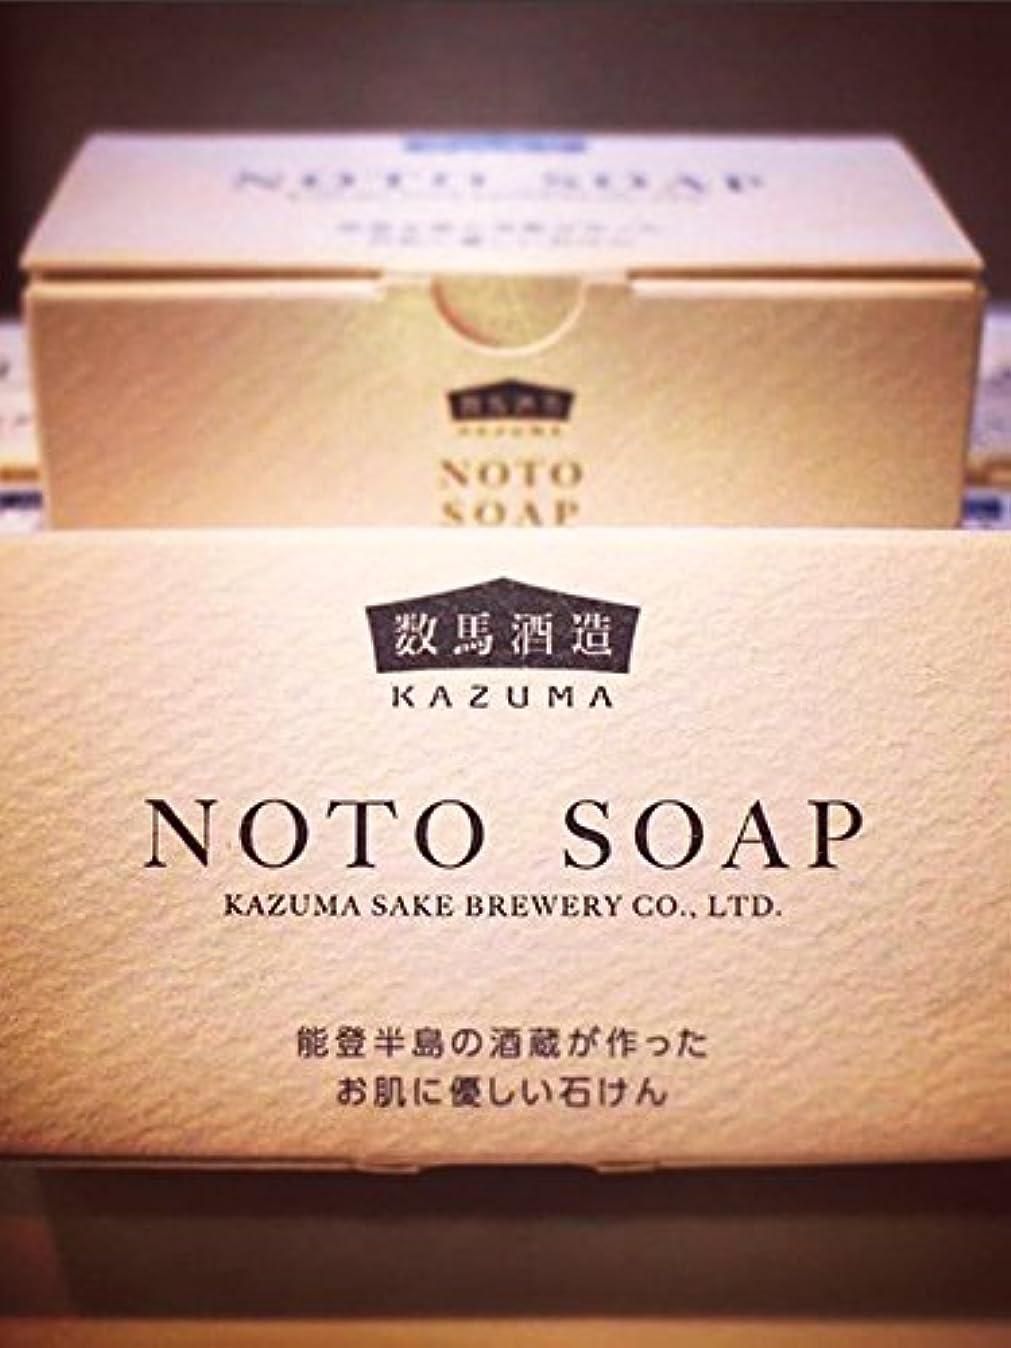 口述するバクテリア変形竹葉 NOTO SOAP 酒粕石鹸 1個80g